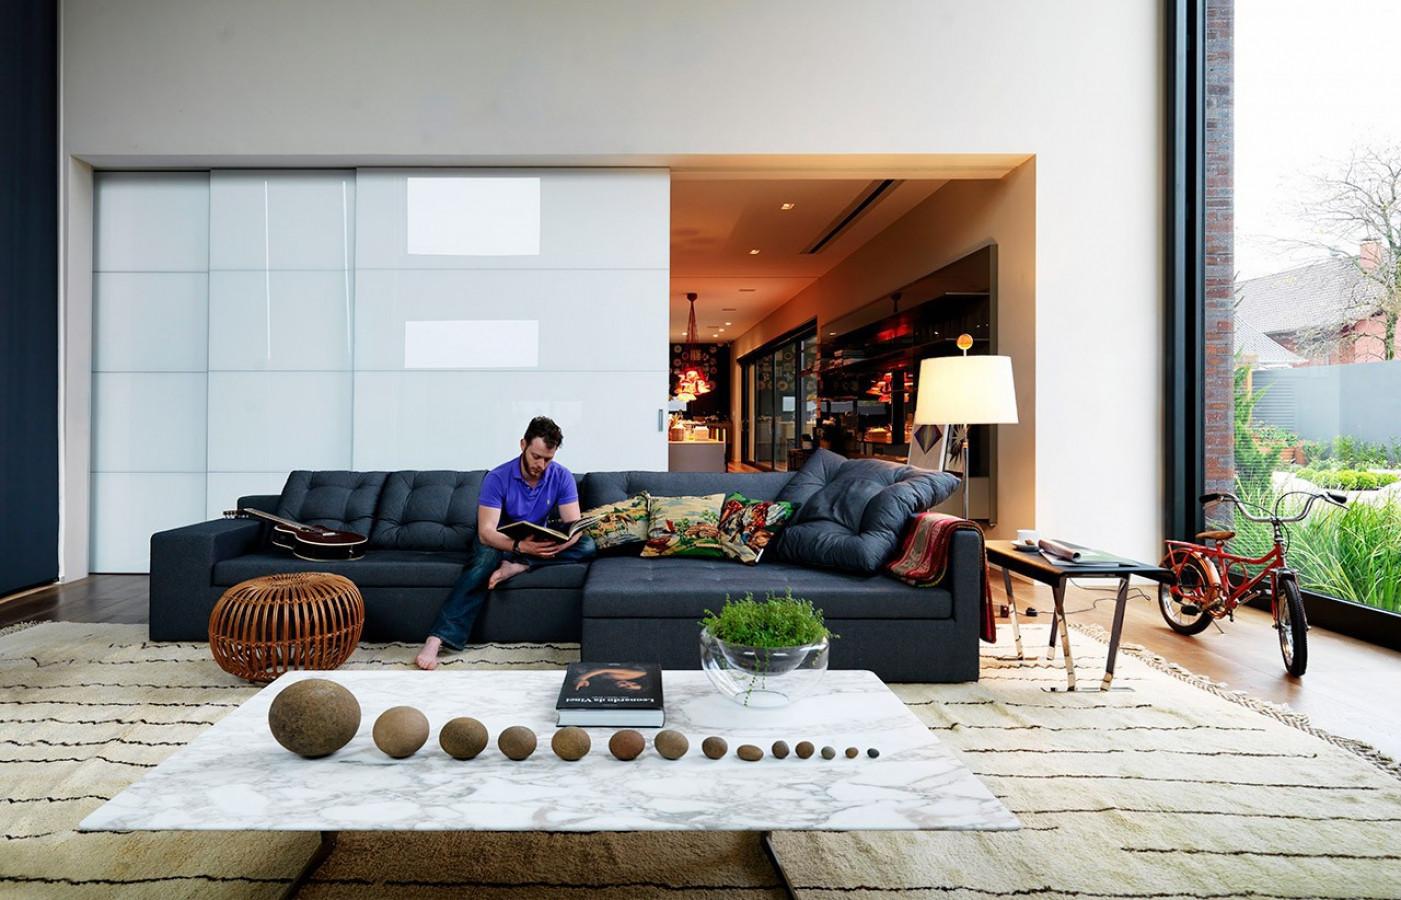 Construtora_de_casas_alto_padrão_025.jpg